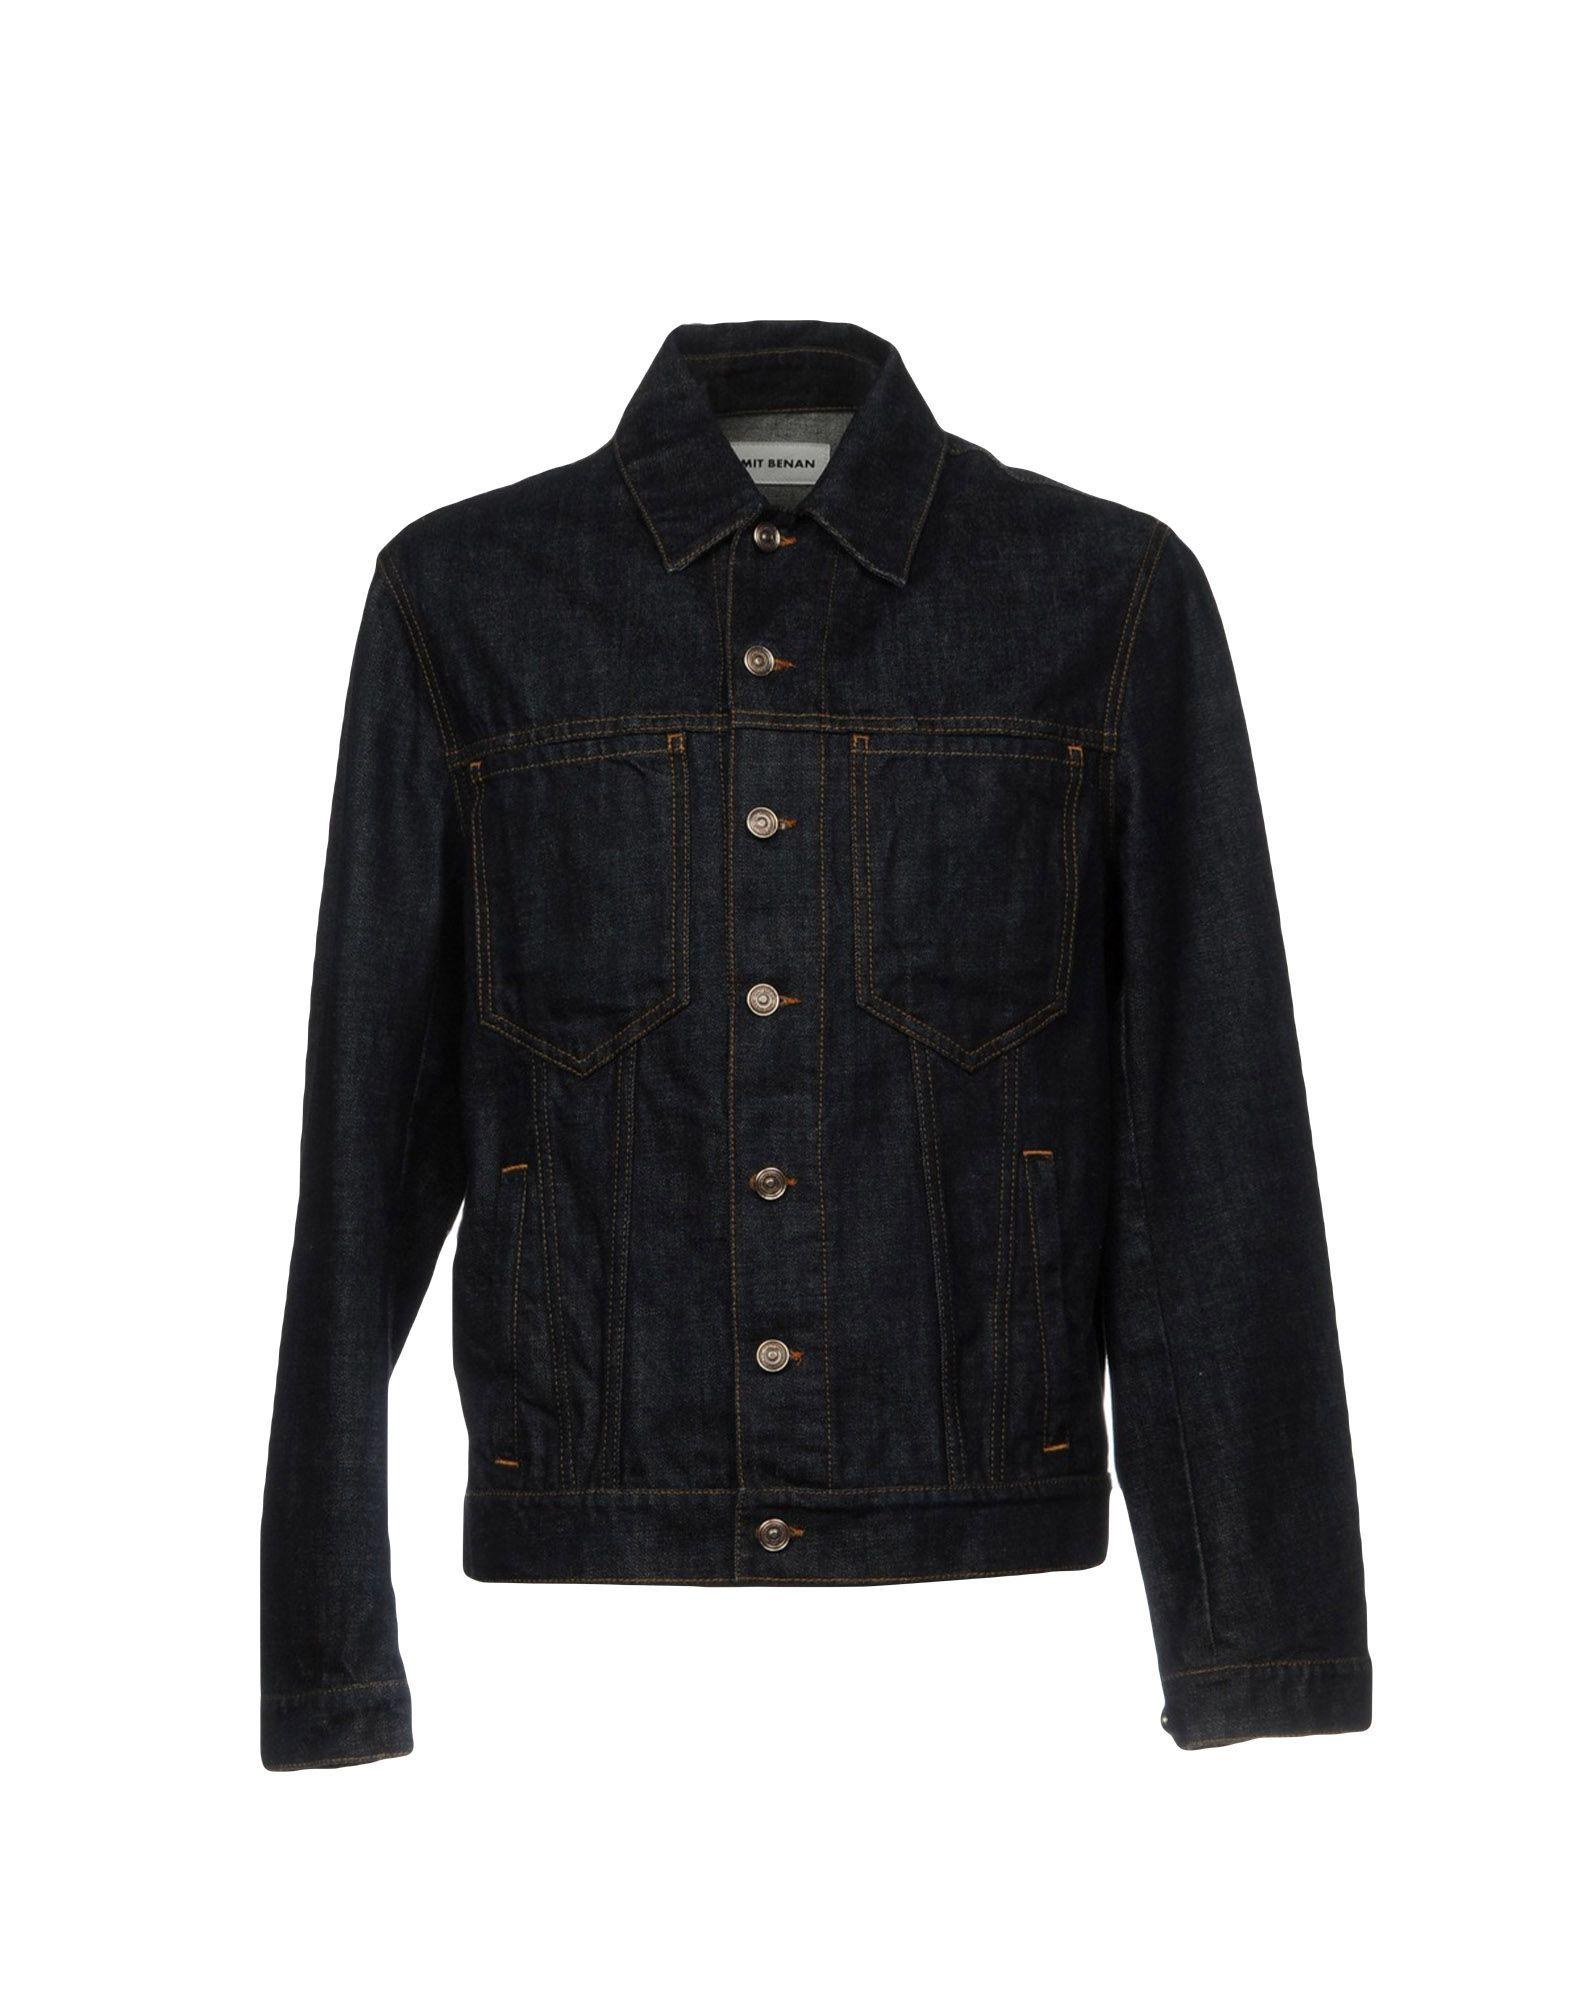 UMIT BENAN Джинсовая верхняя одежда reiko джинсовая верхняя одежда